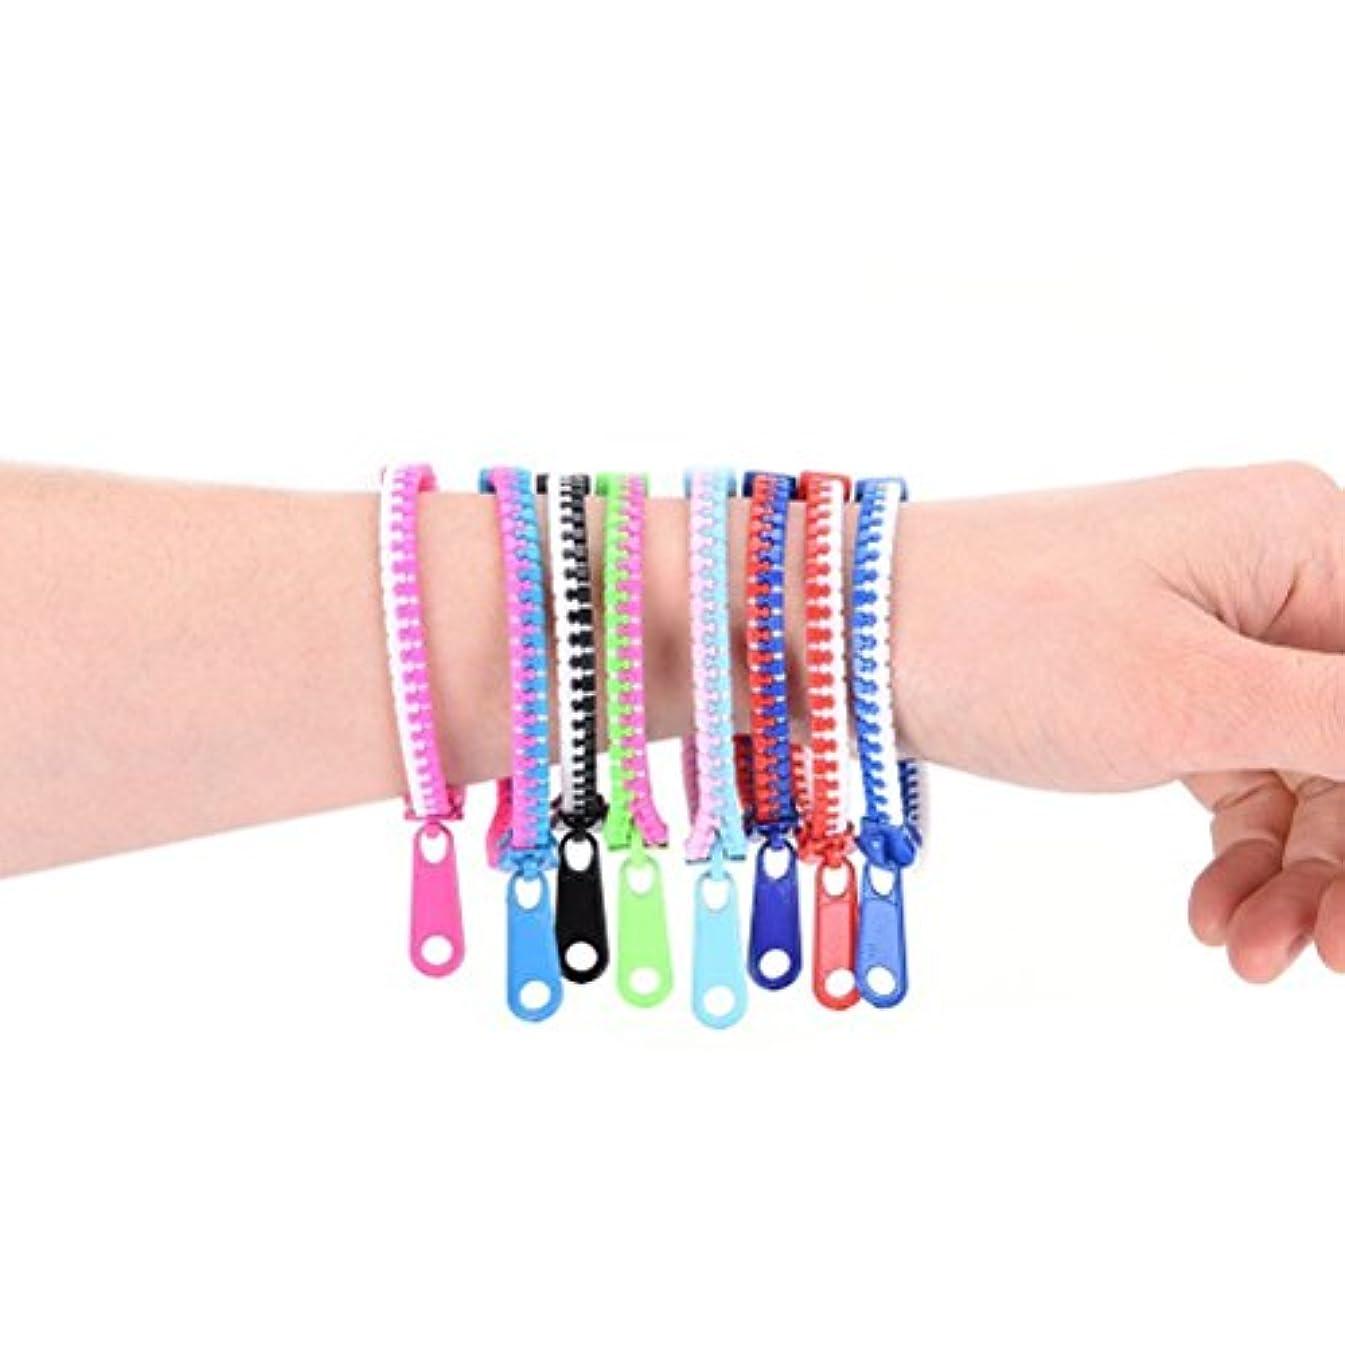 20pcs Assorted Color Zipper Bracelet / Friendship Bracelet / Party Bracelet - Fidget Bracelet Hand Sensory Toys(Random Color)